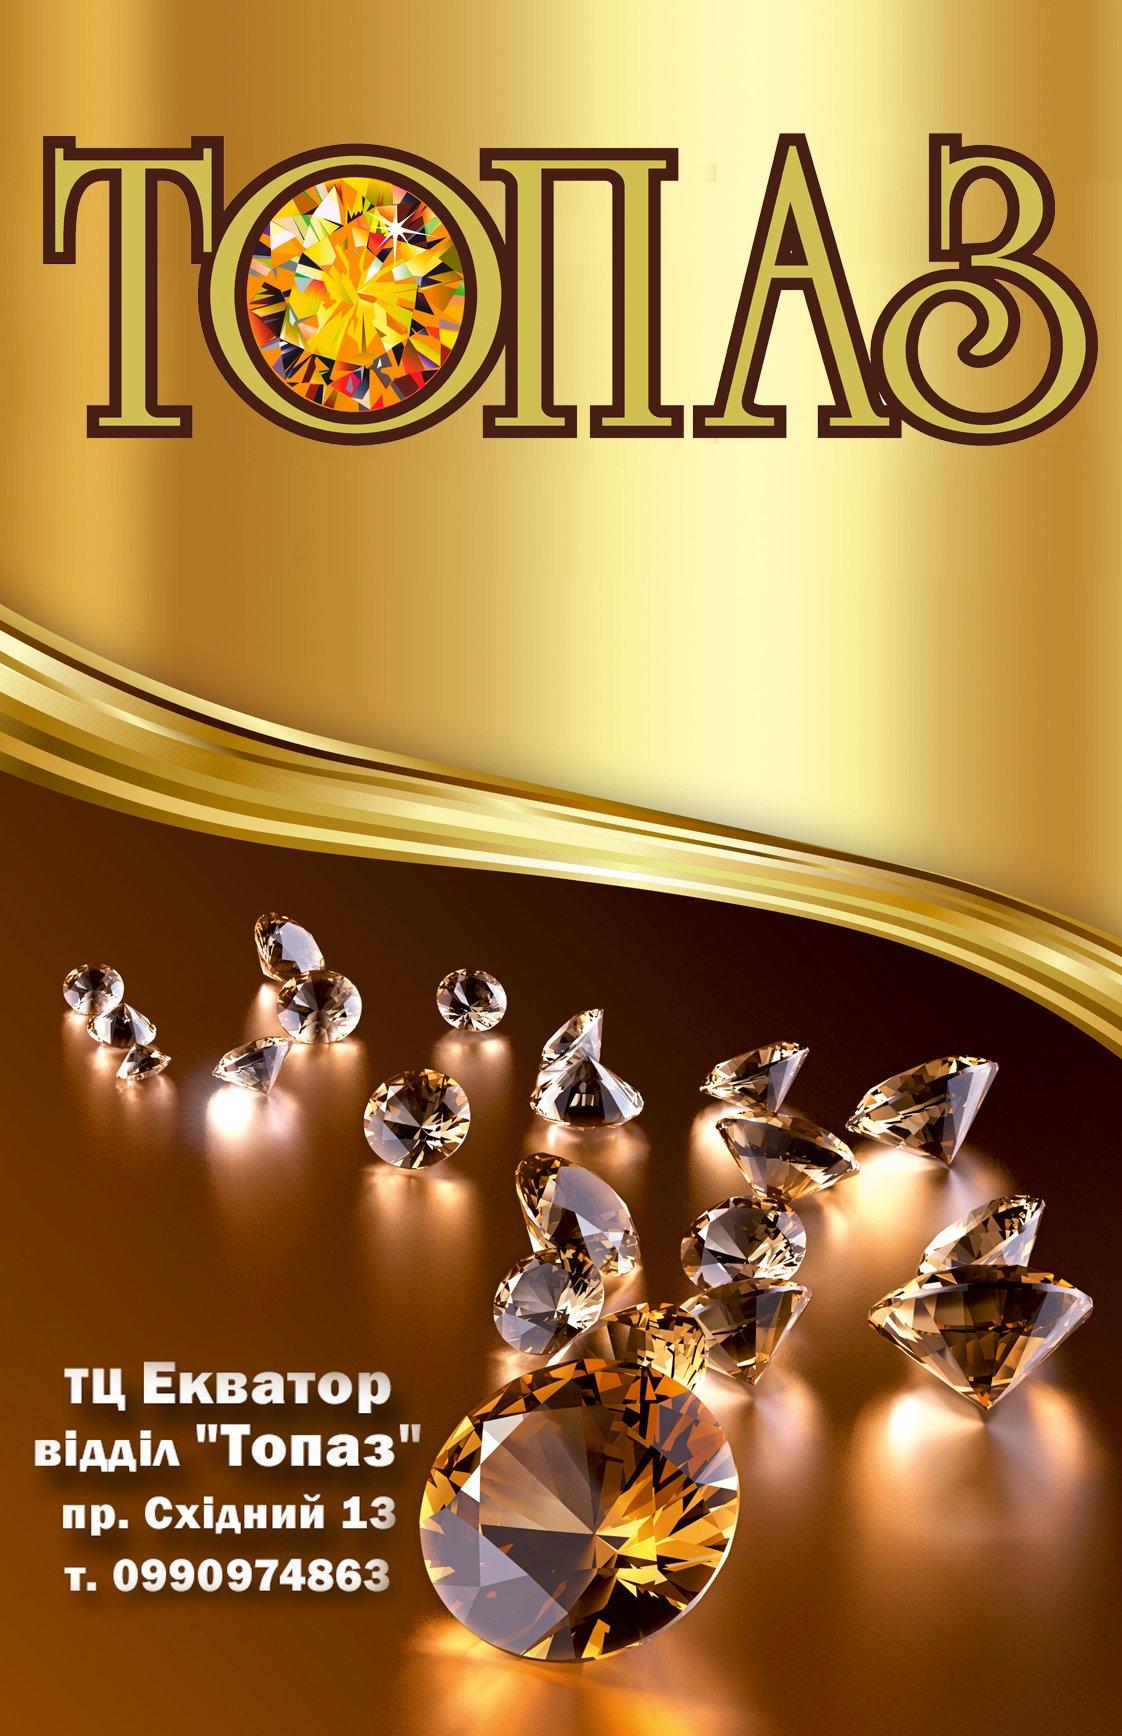 Подборка подарков на 8 марта от сайта 06153.сom.ua, фото-137